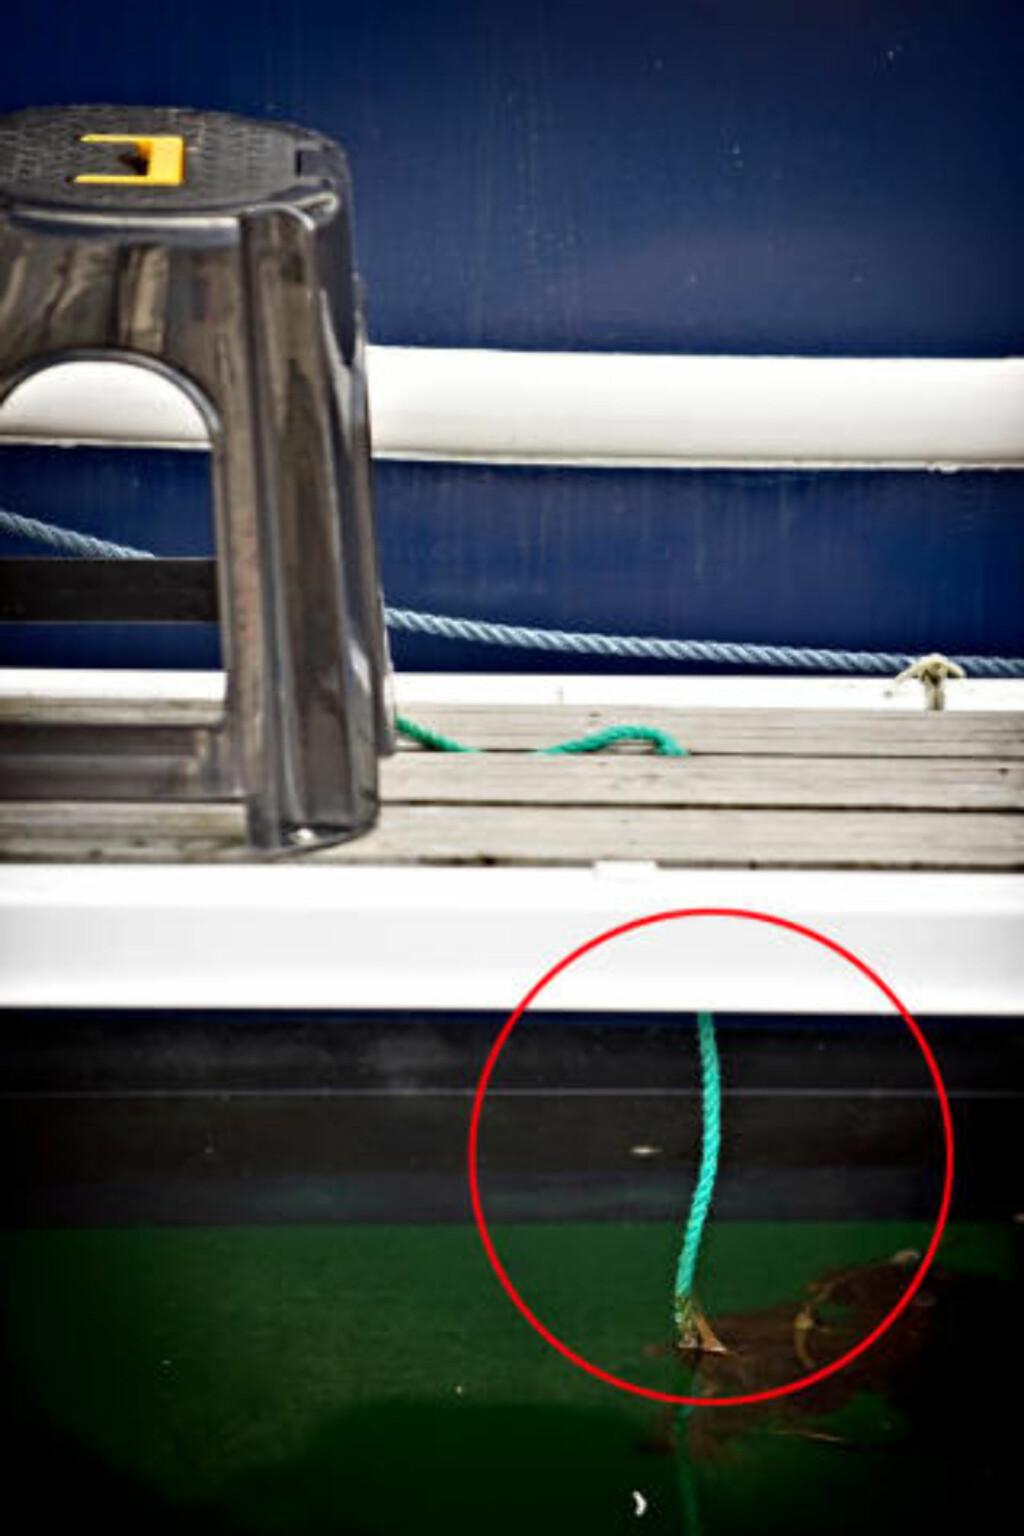 REDNINGEN:  Hell i uhellet: denne taustumpen hang ned mellom plankene i landgangen ved båten, der mannen lå hjelpeløs i det iskalde vannet. FOTO: NILS HARALD ÅNSTAD, SUNNMØRSPOSTEN.